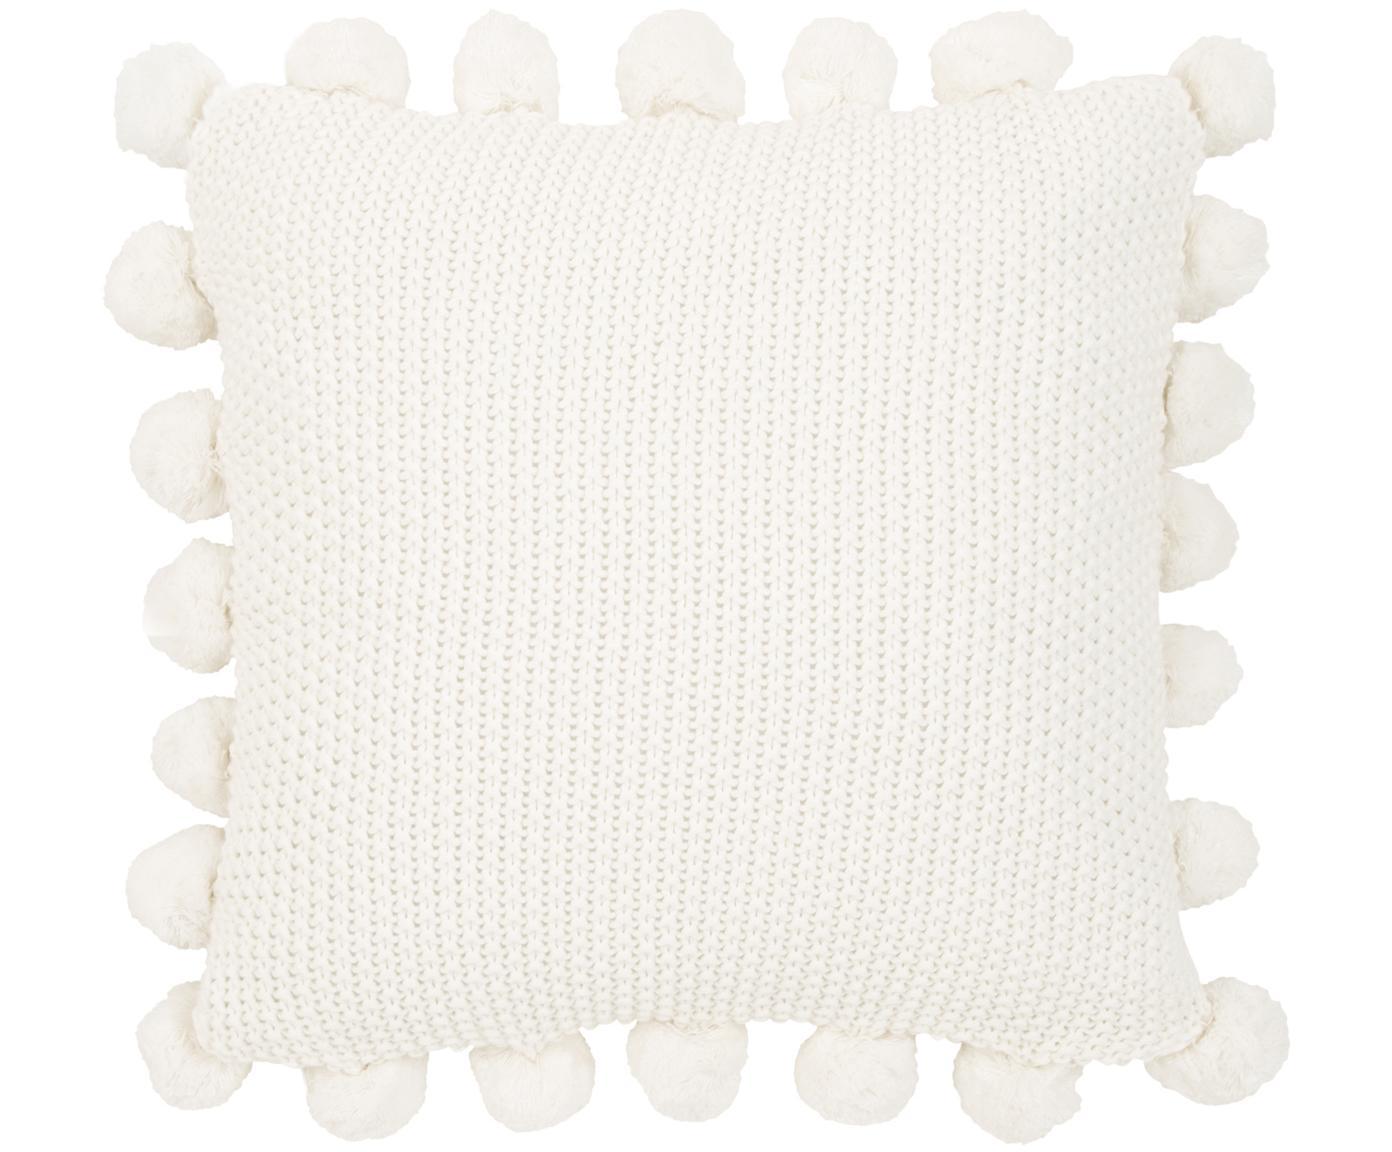 Poszewka na poduszkę ze skóry z dzianiny Molly, 100% bawełna, Kremowobiały, S 40 x D 40 cm